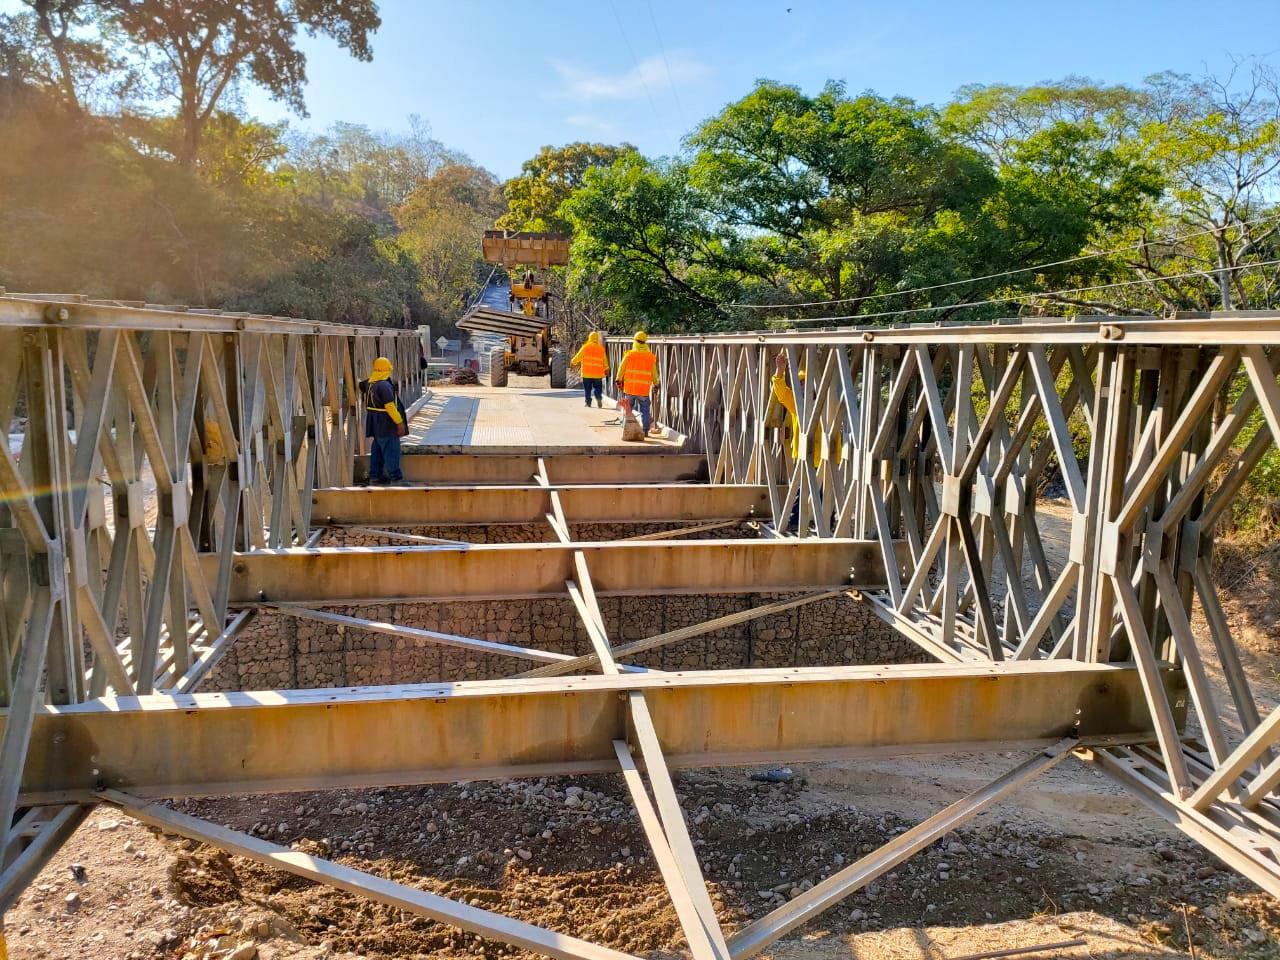 MOP por finalizar montaje de puente sobre Río Guastena Concepción Quezaltepeque, Chalatenango